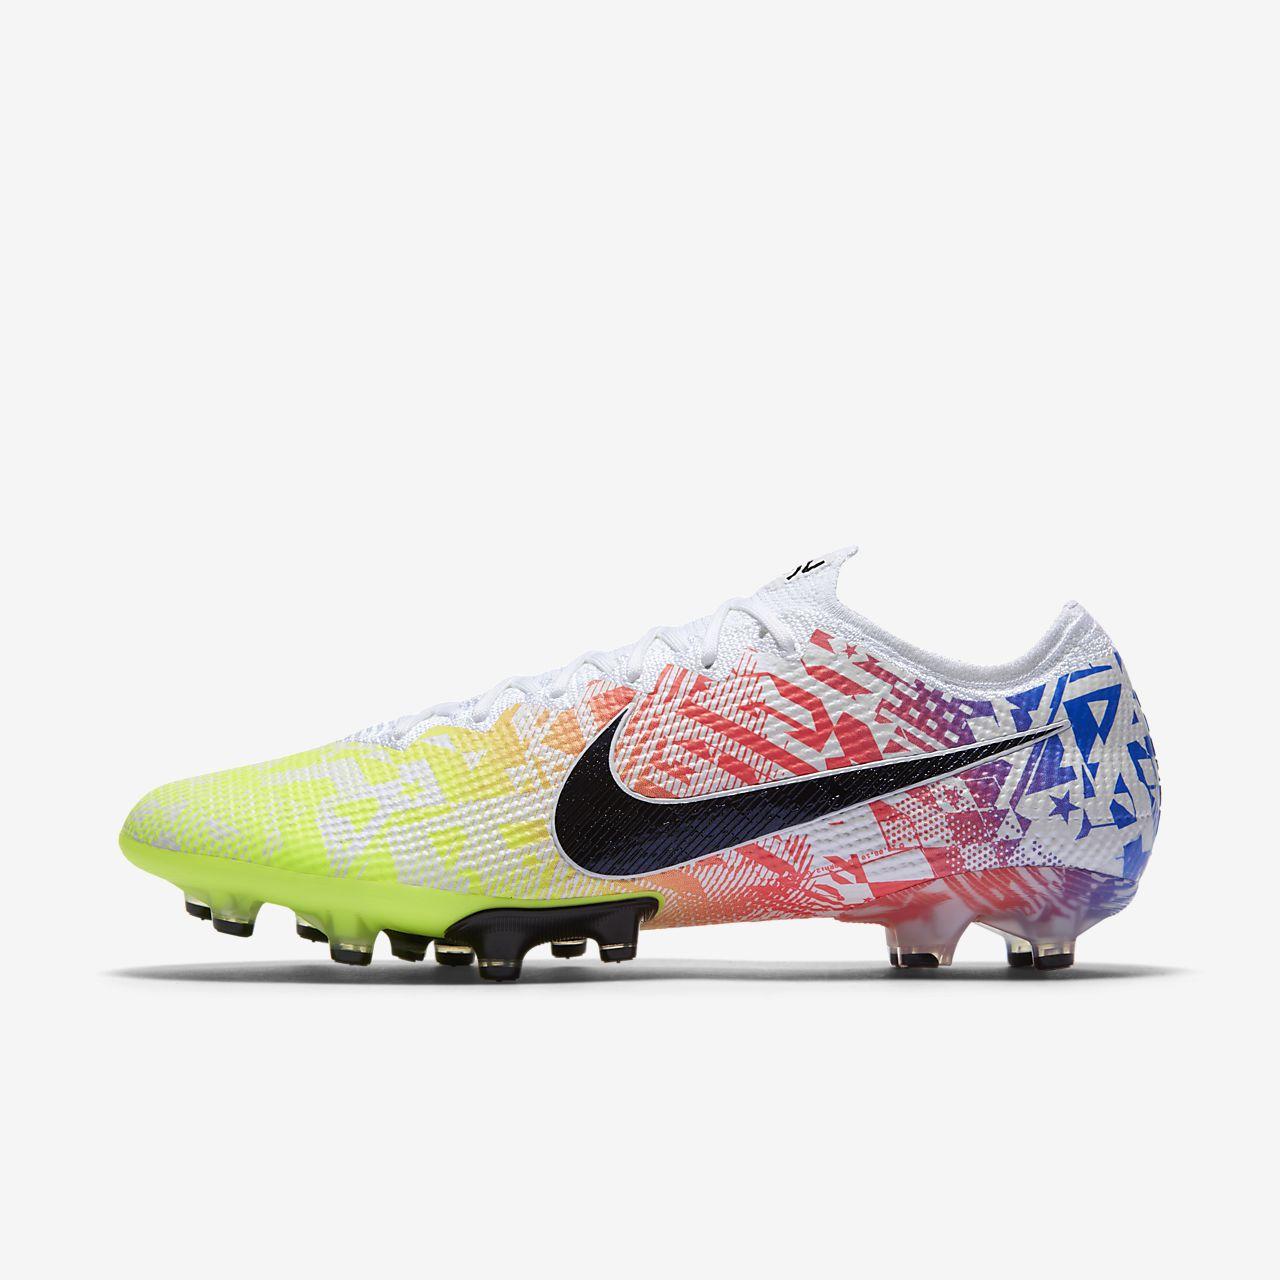 Nike Mercurial Vapor 13 Elite Neymar Jr. AG-PRO Suni Çim Kramponu